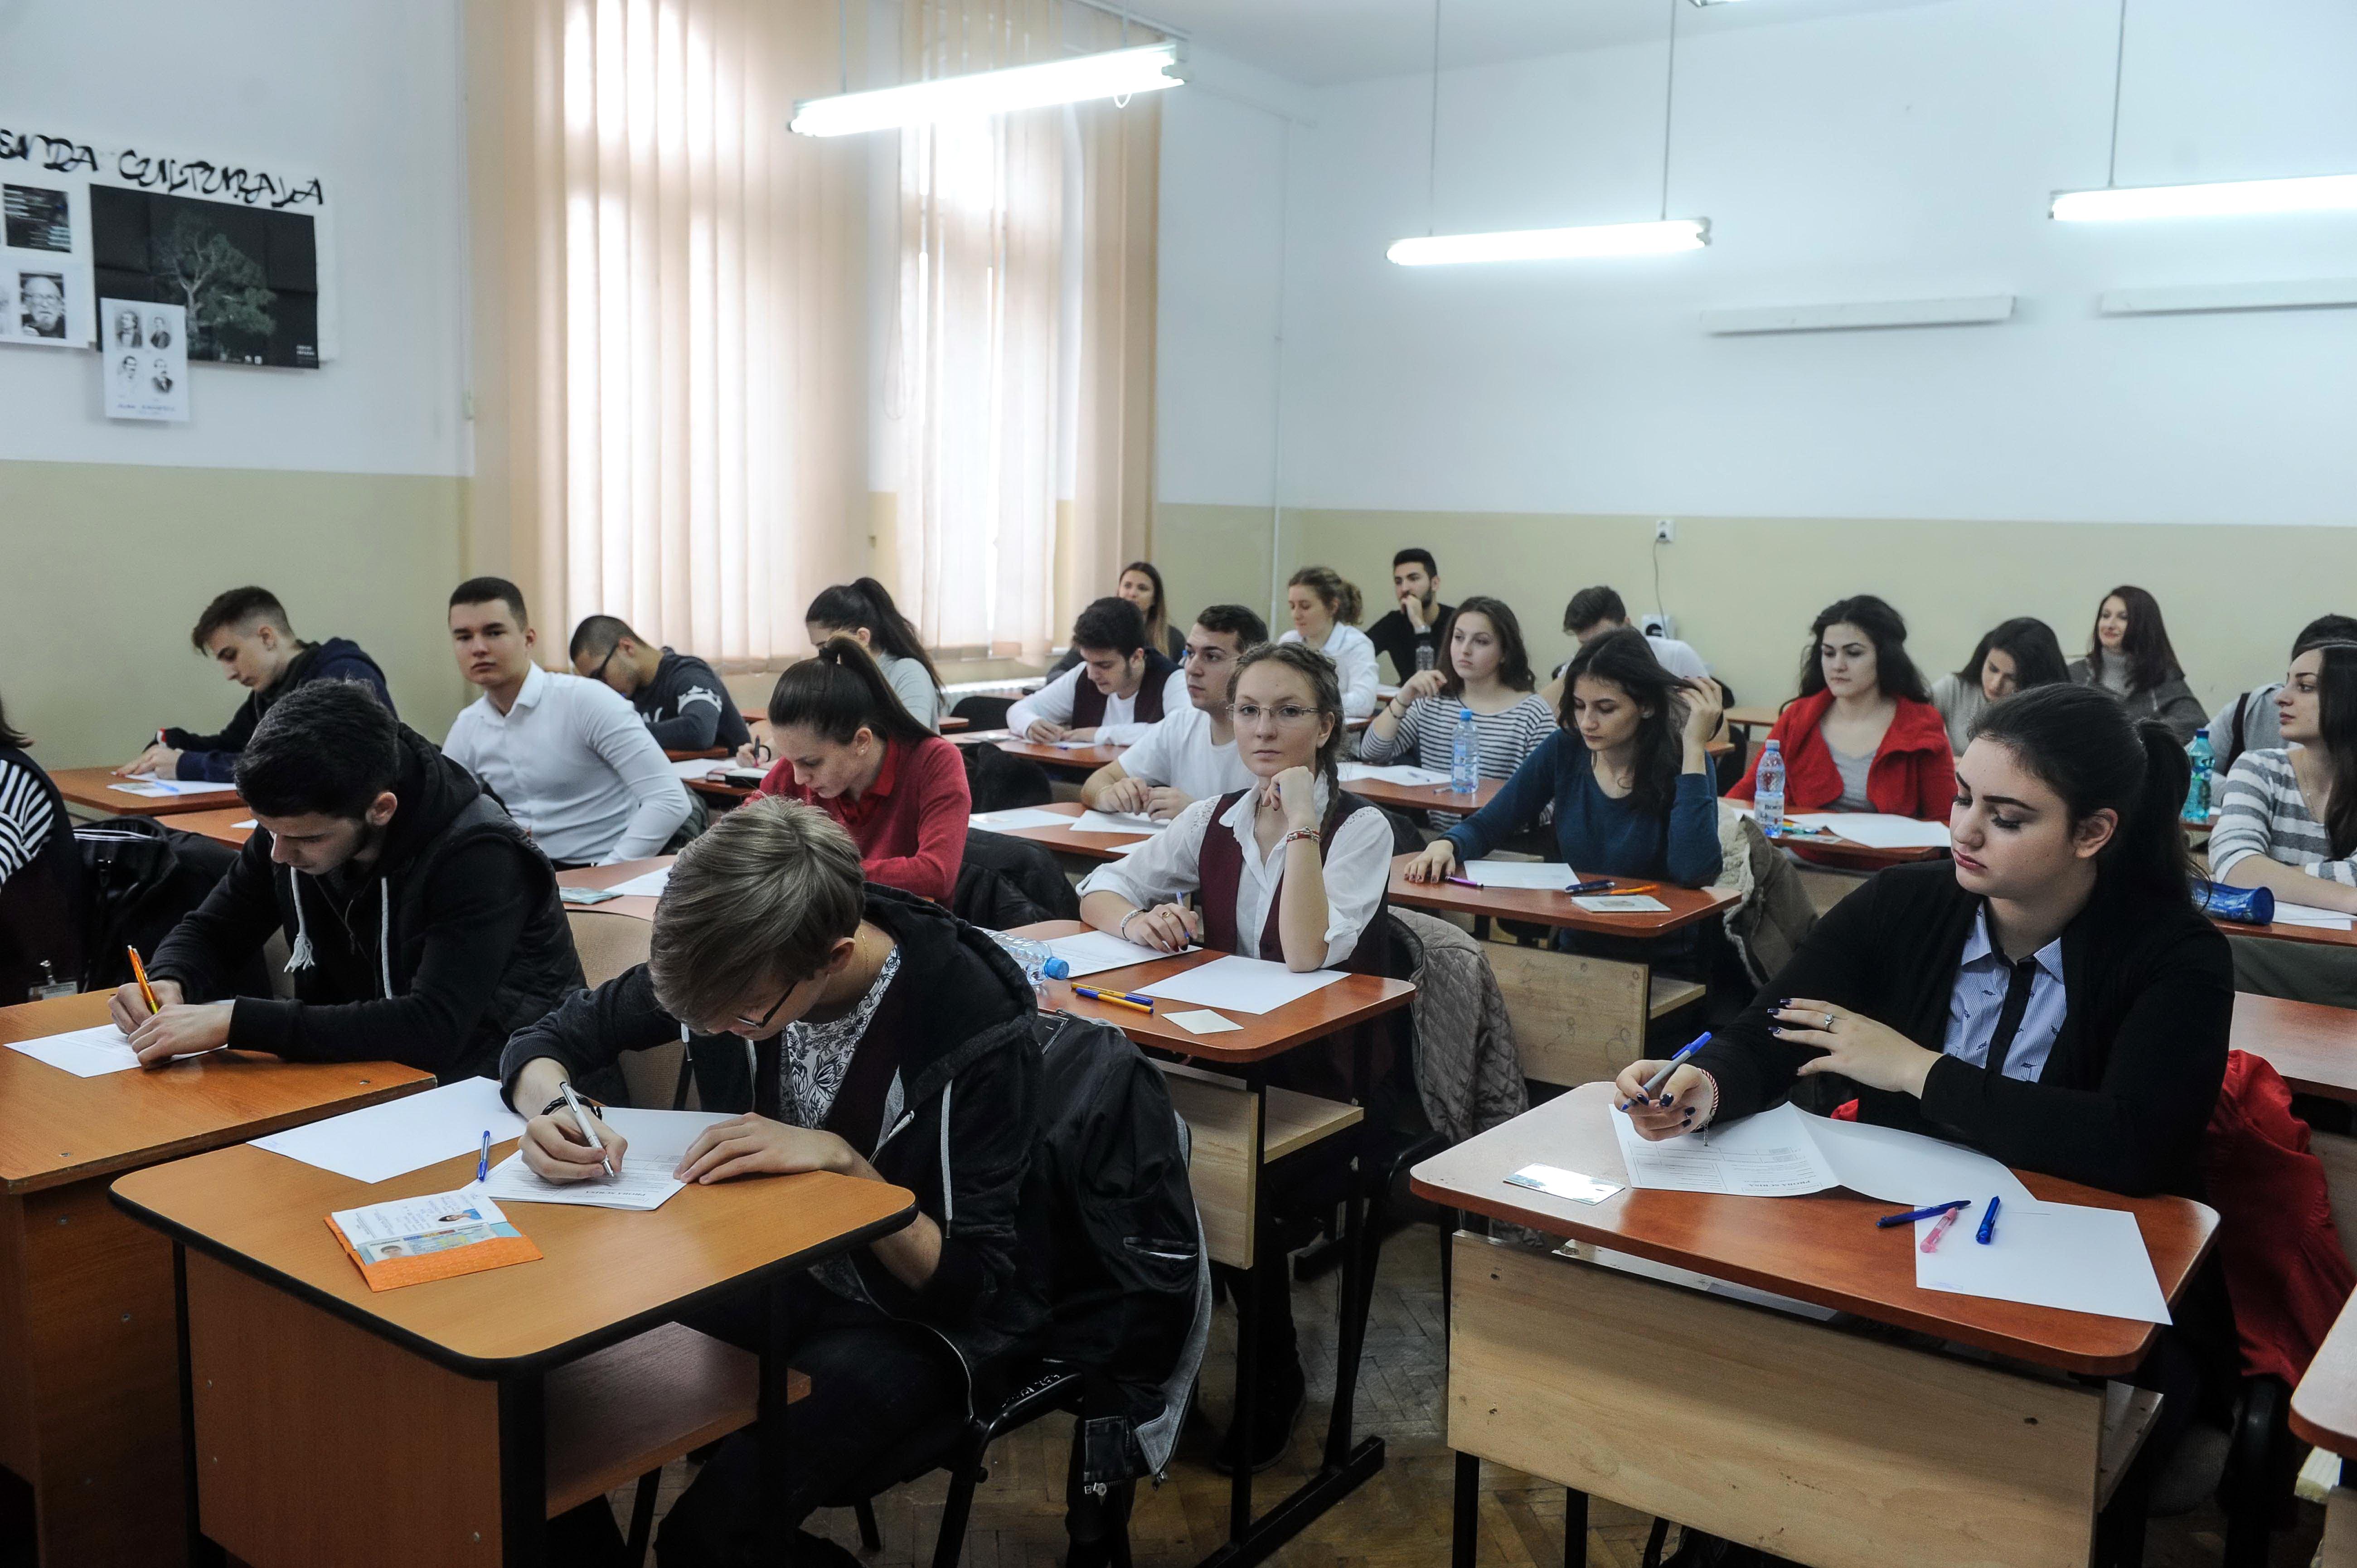 Subiecte și barem de corectare BAC 2018 la Limba și Literatura Română au fost publicate